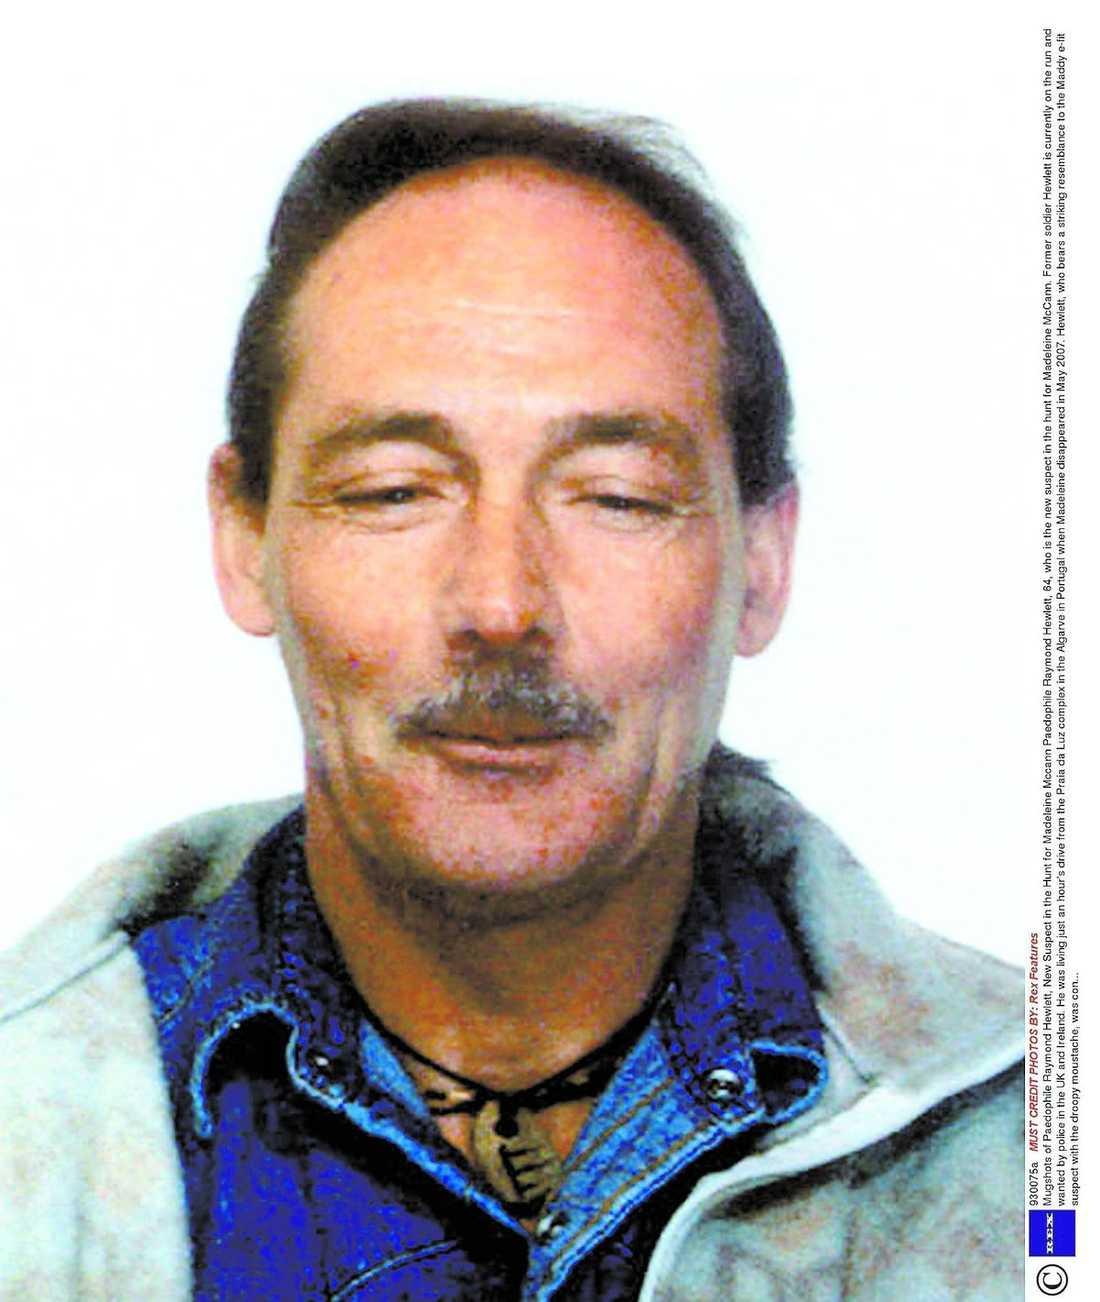 Misstänkt Pedofilen Raymond Hewletts är lik fantombilden som tagits fram efter ett vittnes beskrivning. Hewlett är svårt sjuk och vårdas på sjukhus. Nu hoppas polisen att han ska samarbeta.